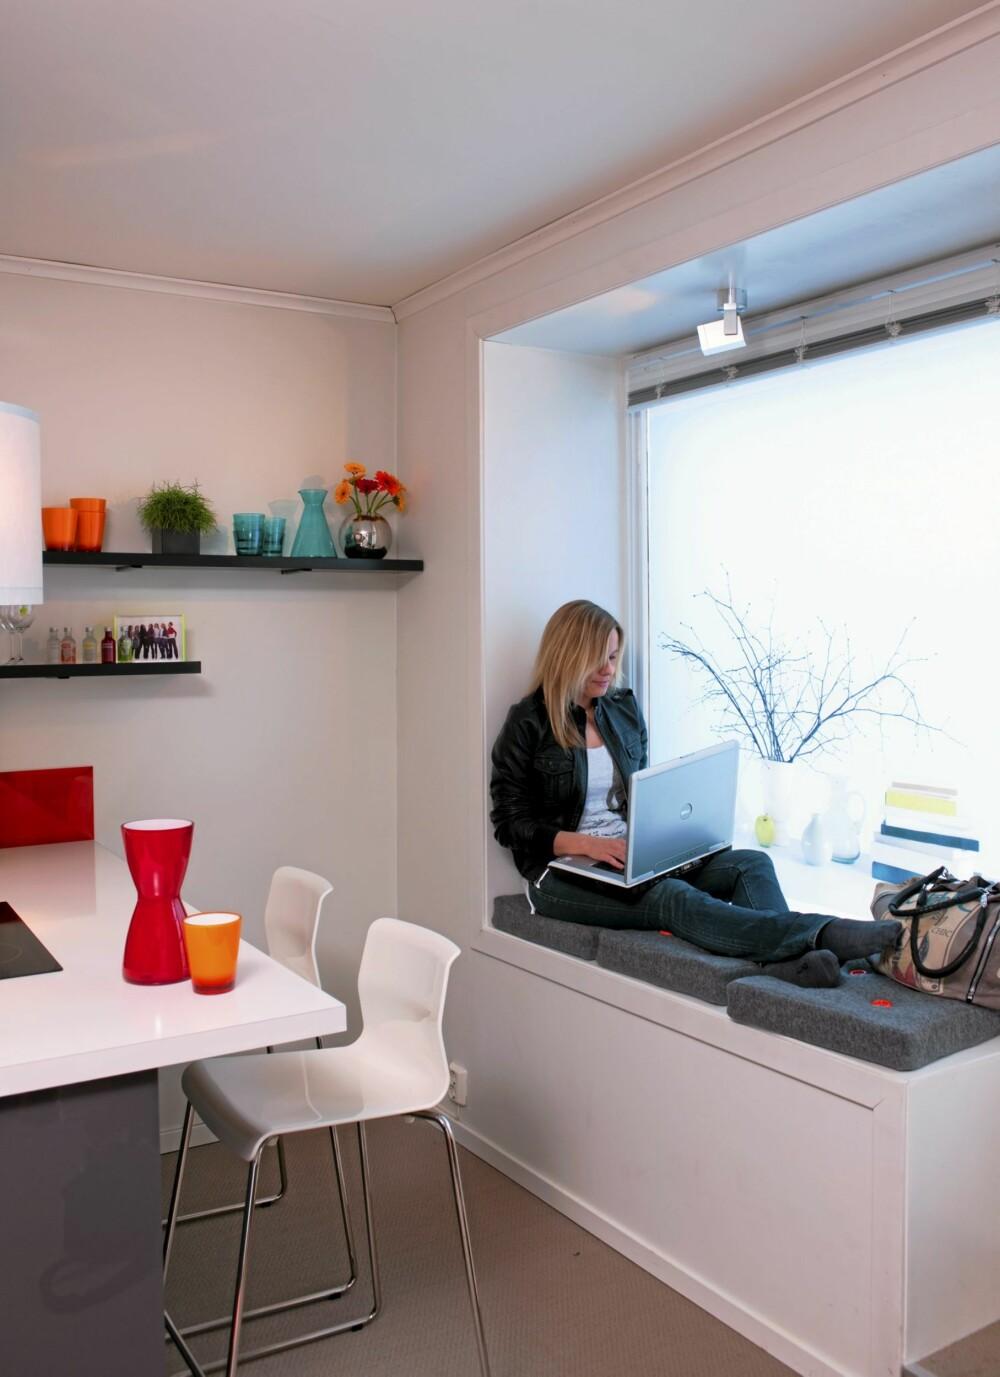 FAST PLASS: Den dype vinduskarmen er blitt et fast arbeidssted for beboeren. Her er det lysest, og her er mobildekningen best.